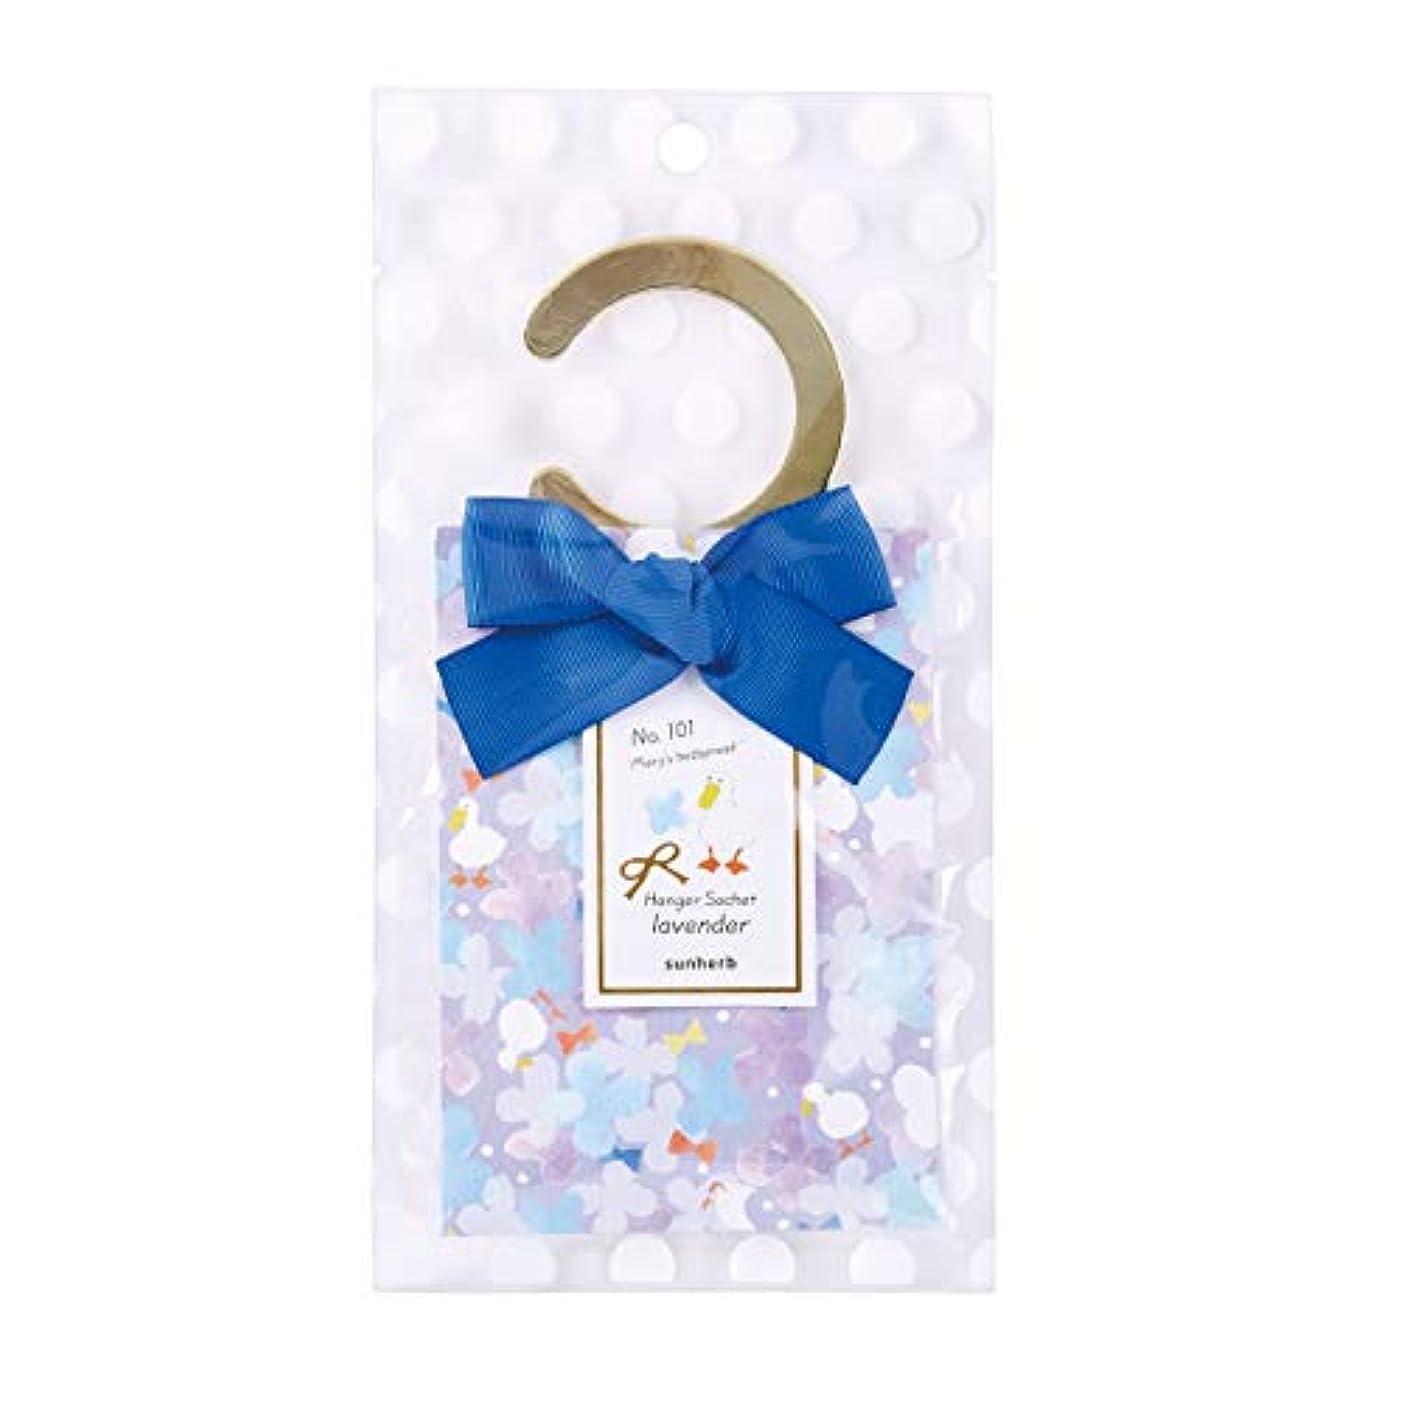 発表するごちそうアコーサンハーブ ハンガーサシェ ラベンダーの香り (吊り下げ芳香剤 アヒルが描かれたラベンダー色のデザイン)